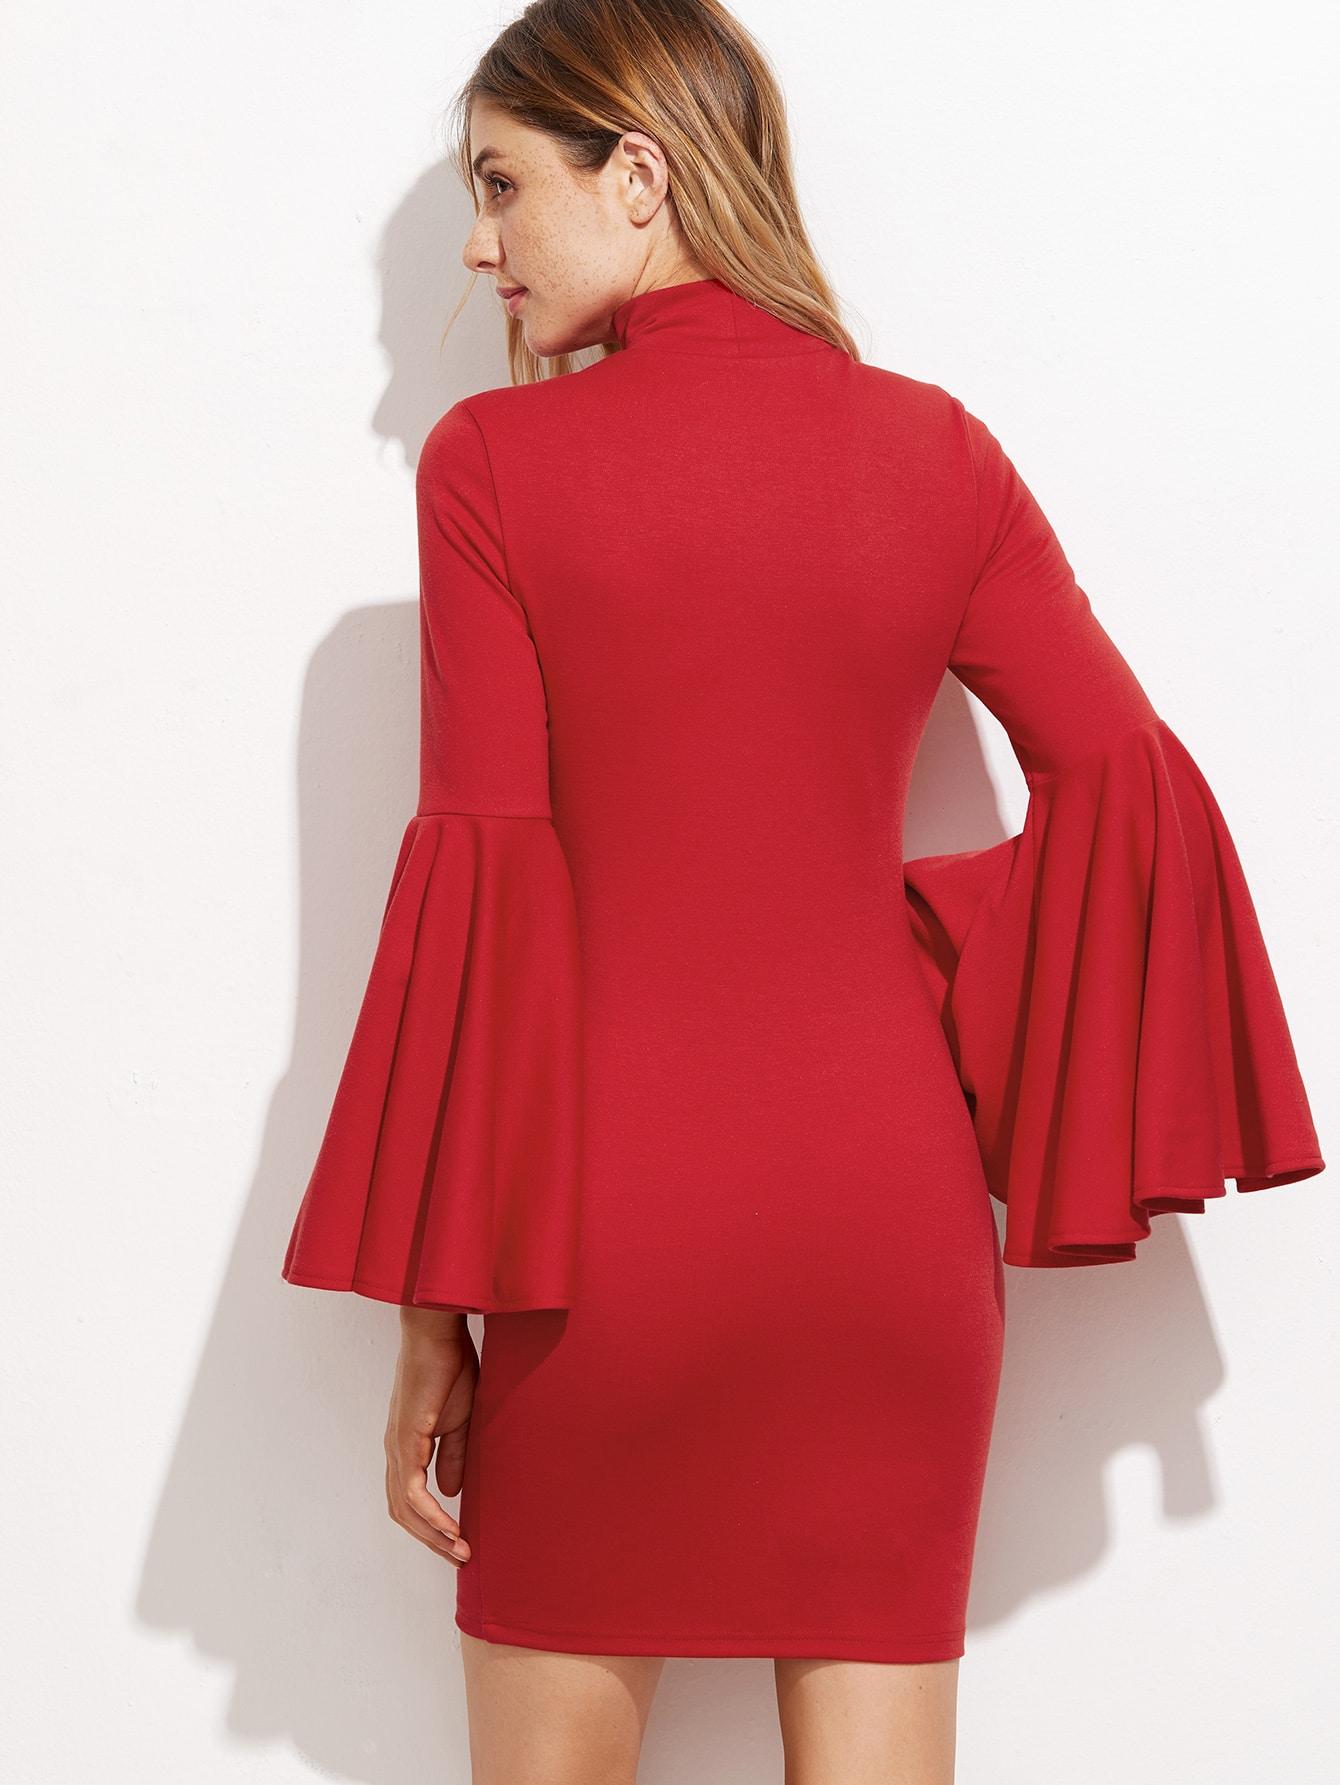 dress161011701_2